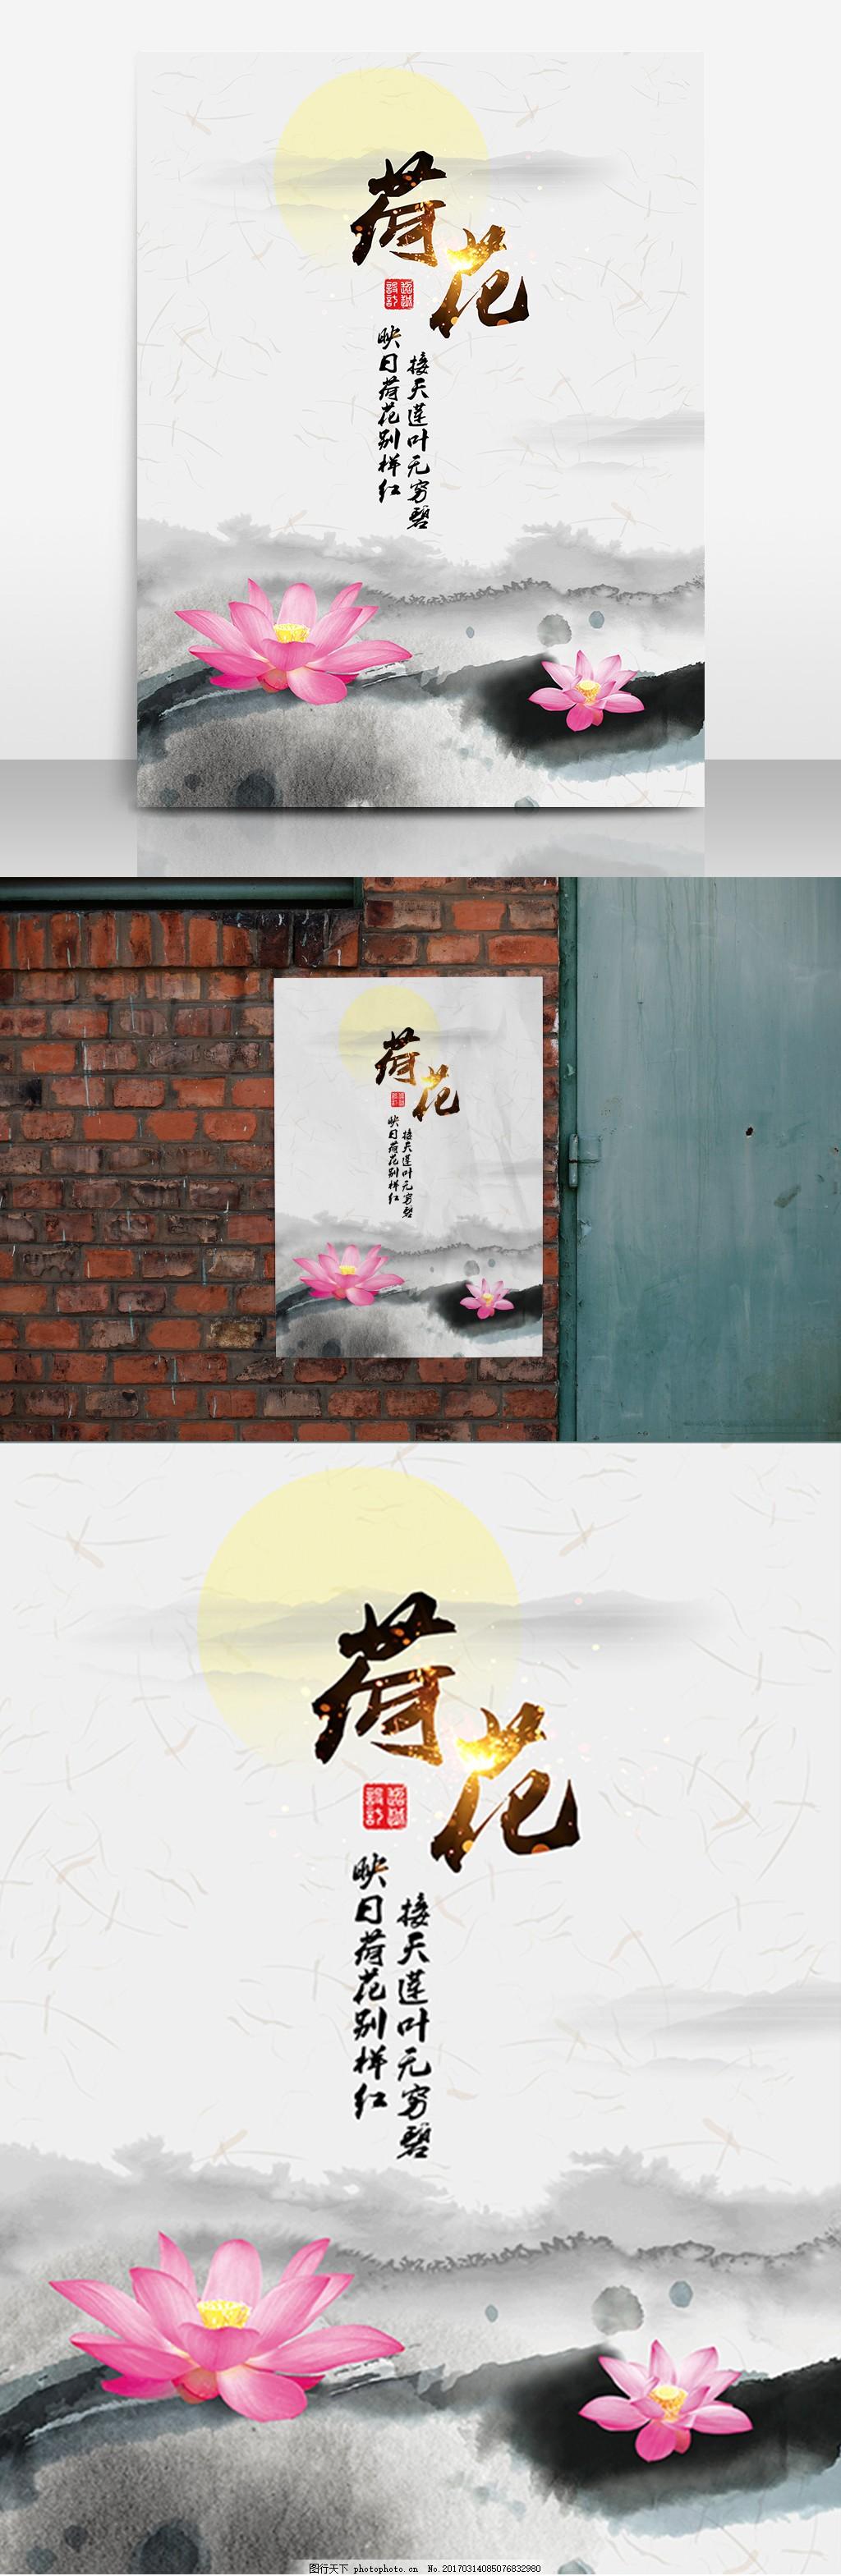 映日荷花水墨文化海报高清psd 太阳 中国风 书法 中华文化 传统